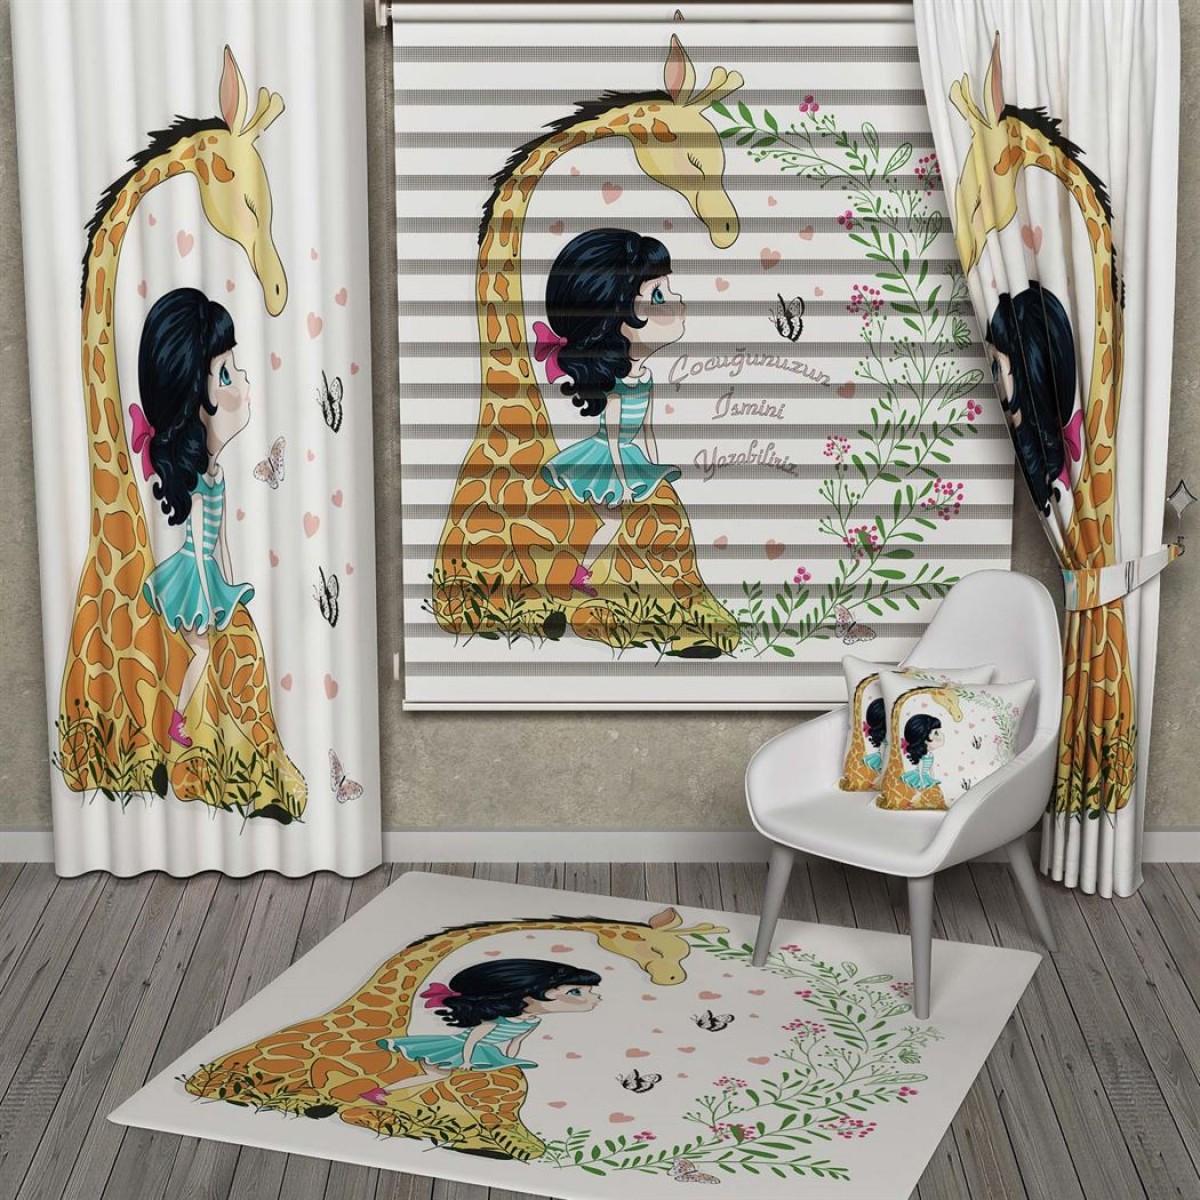 Çocuk Odası - Sevimli Zürafa Kombinli Set Ürünler